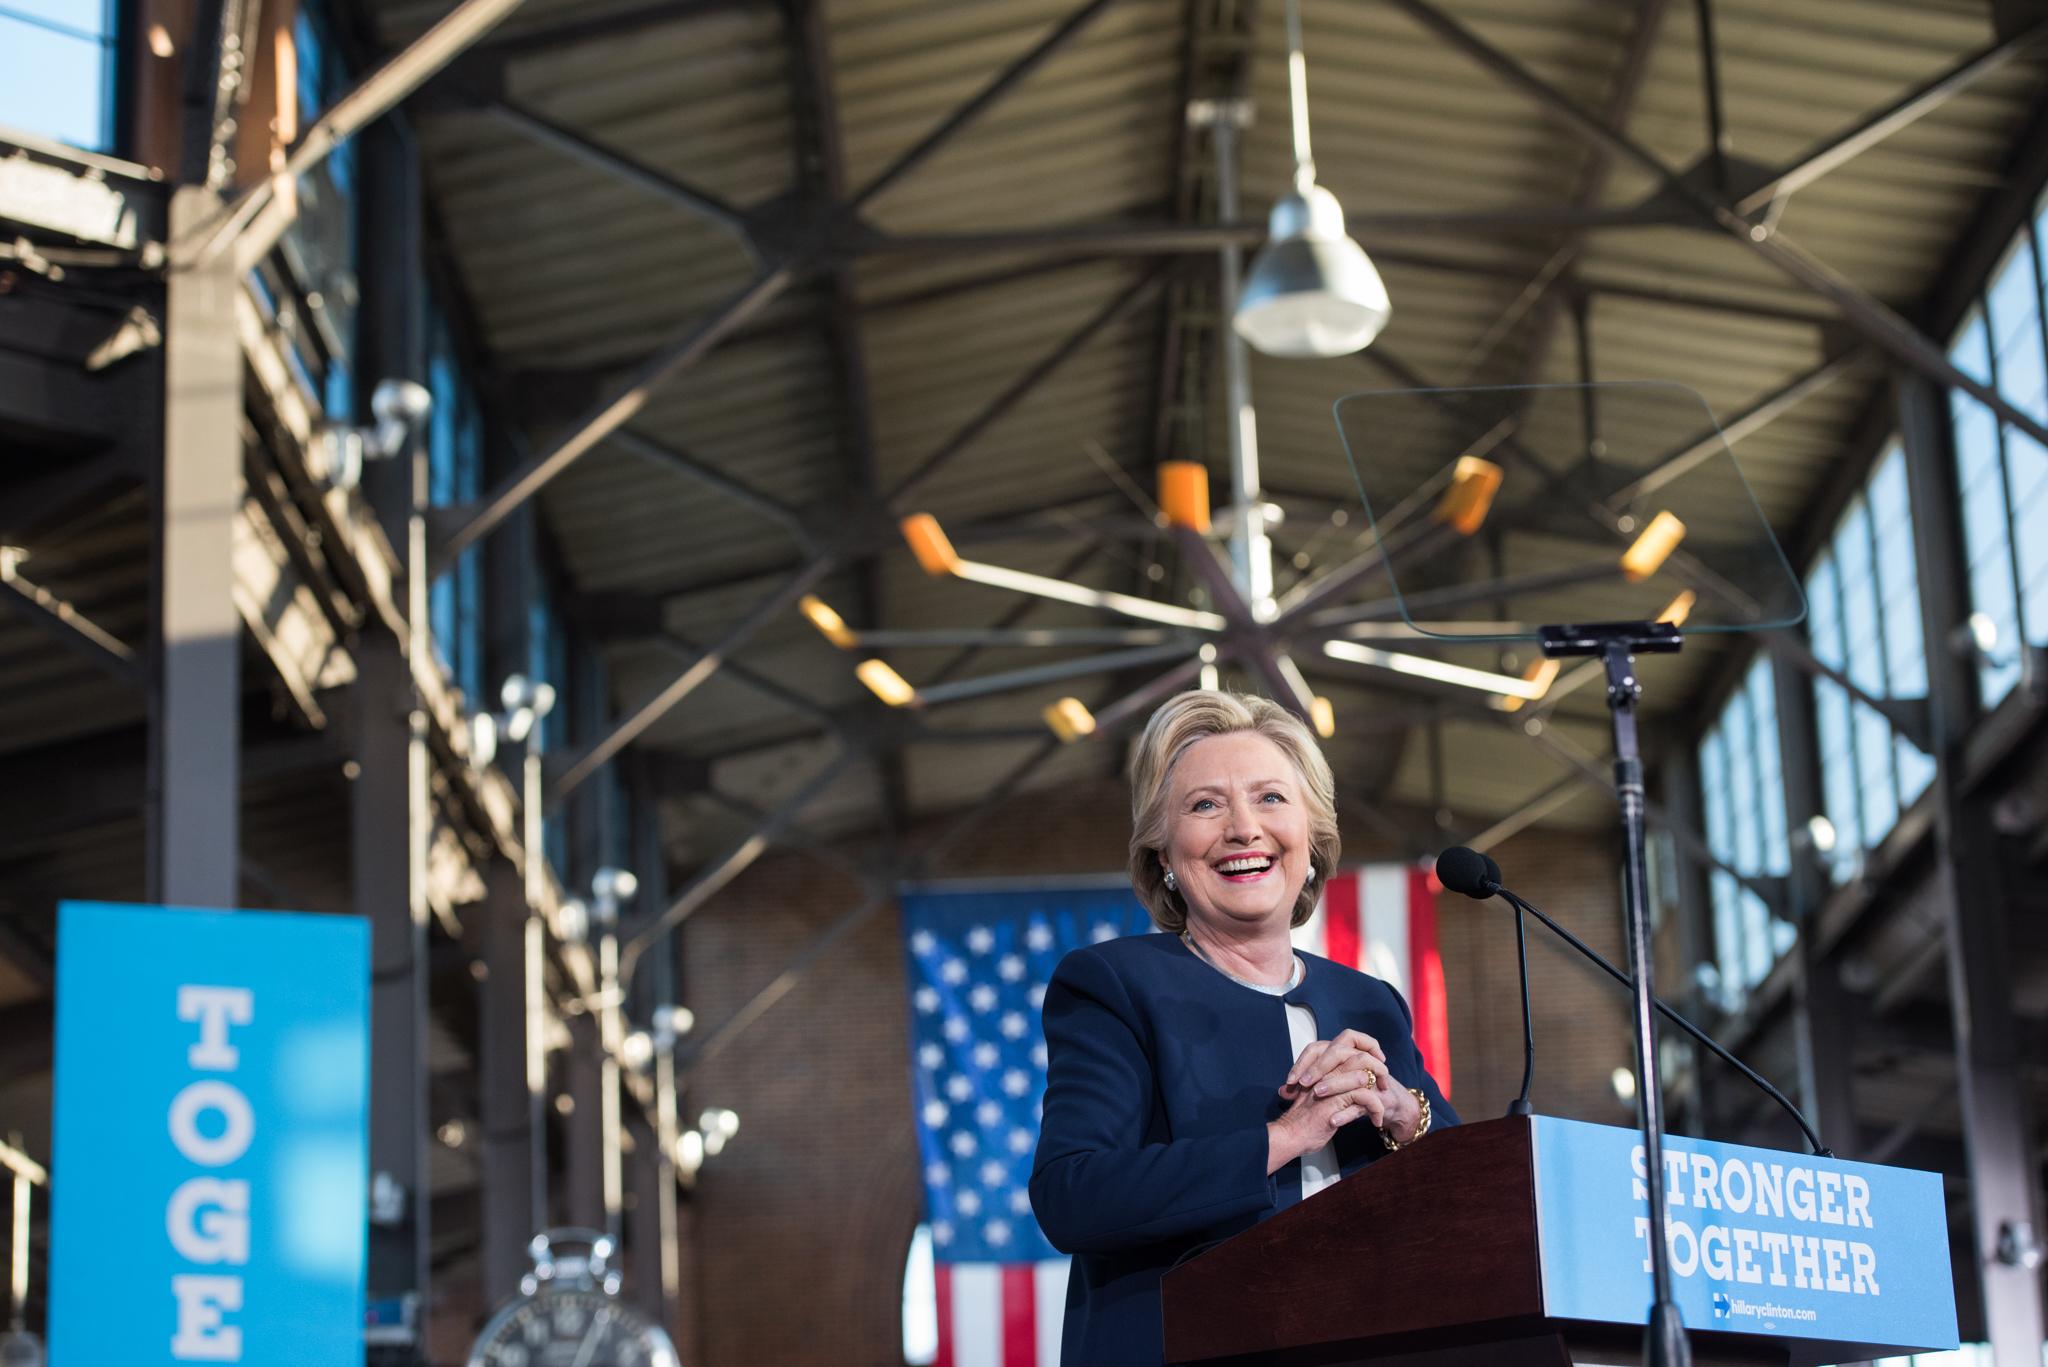 Barbara Kinney for Hillary For America